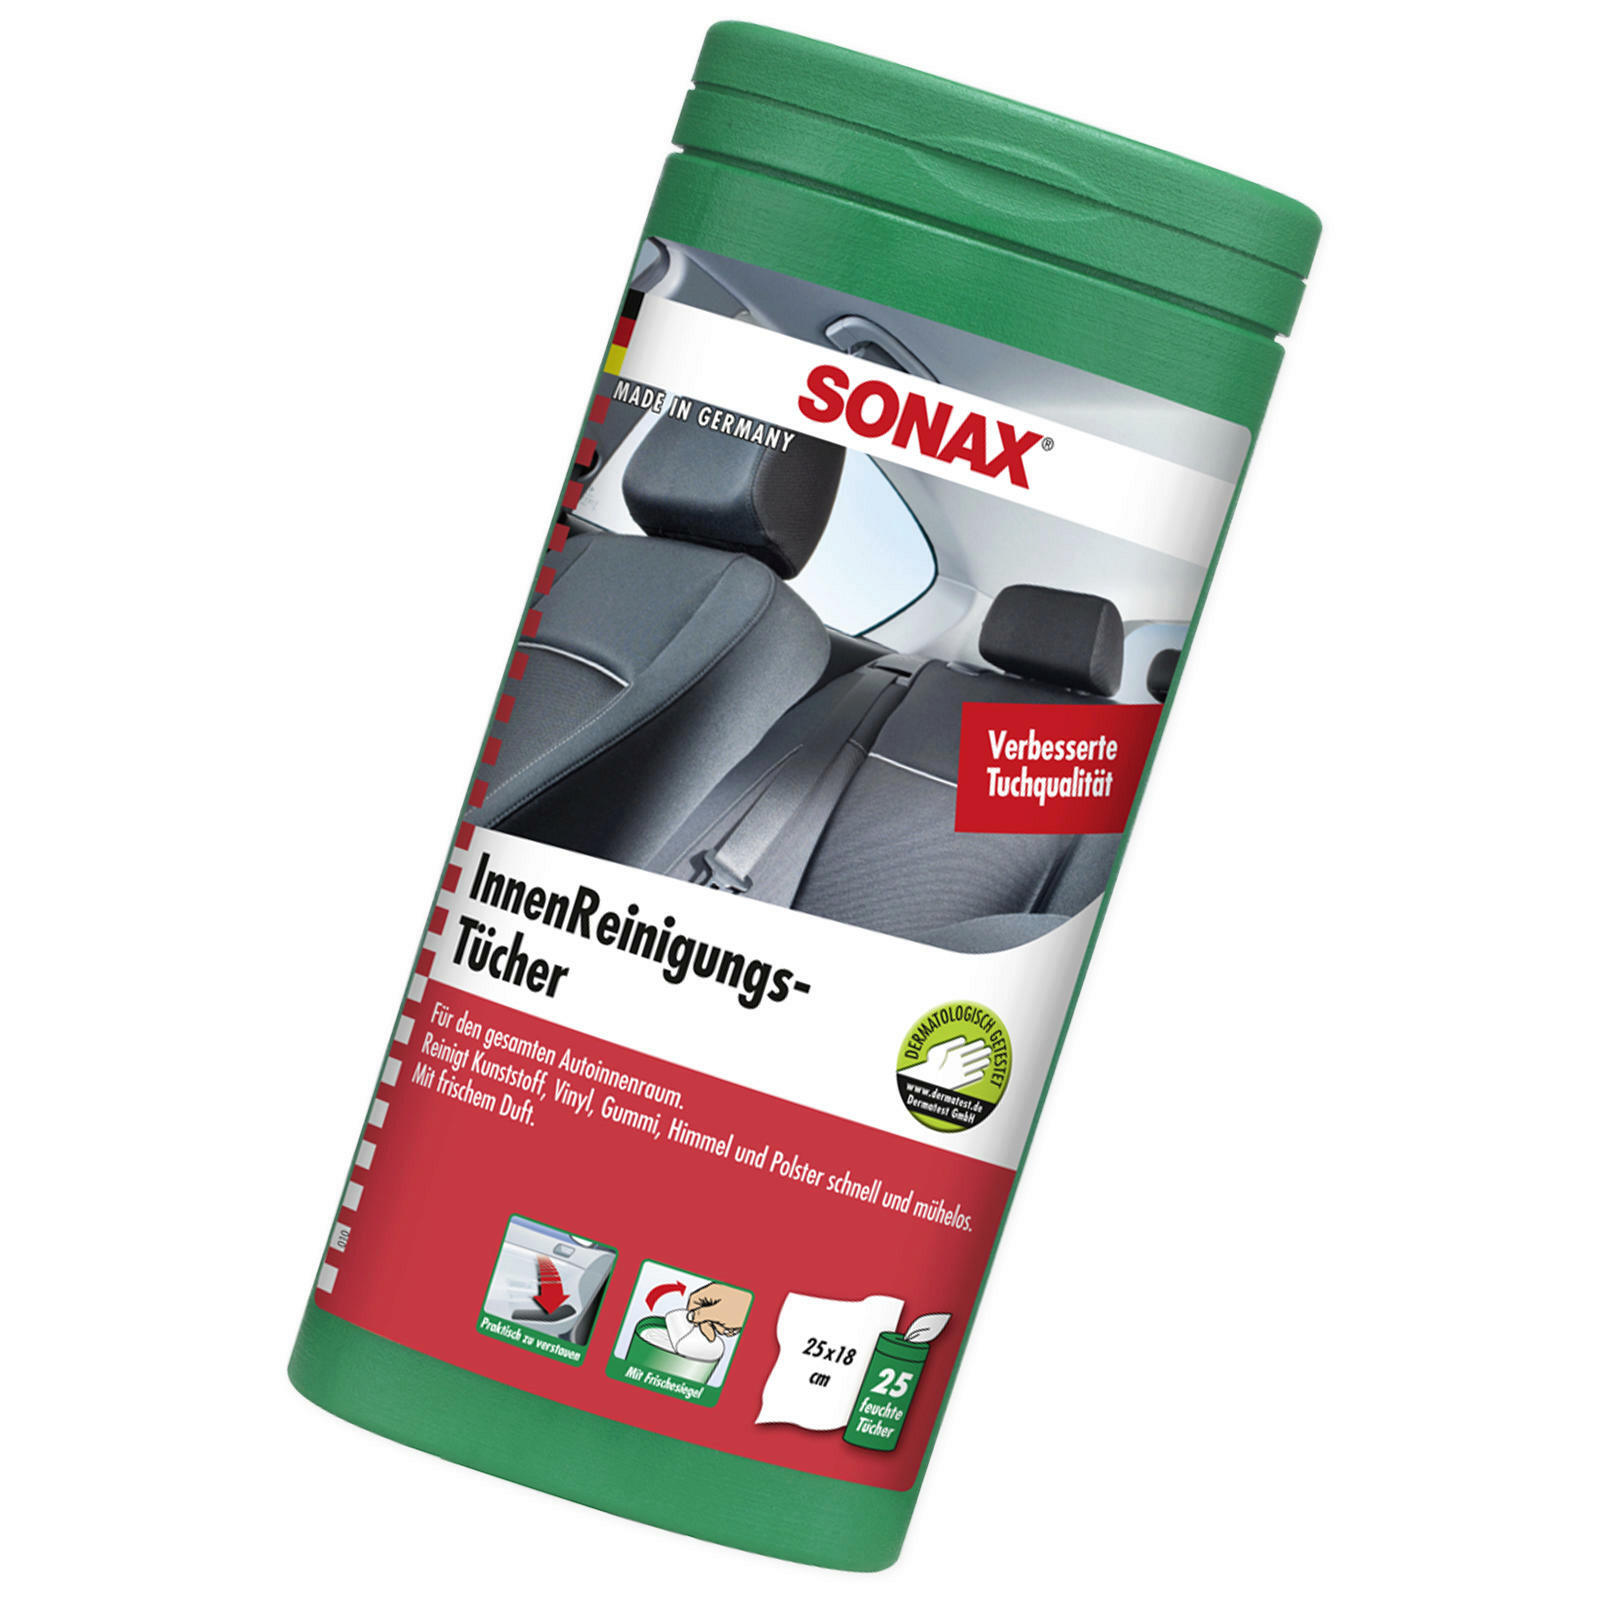 SONAX InnenReinigungsTücher Box